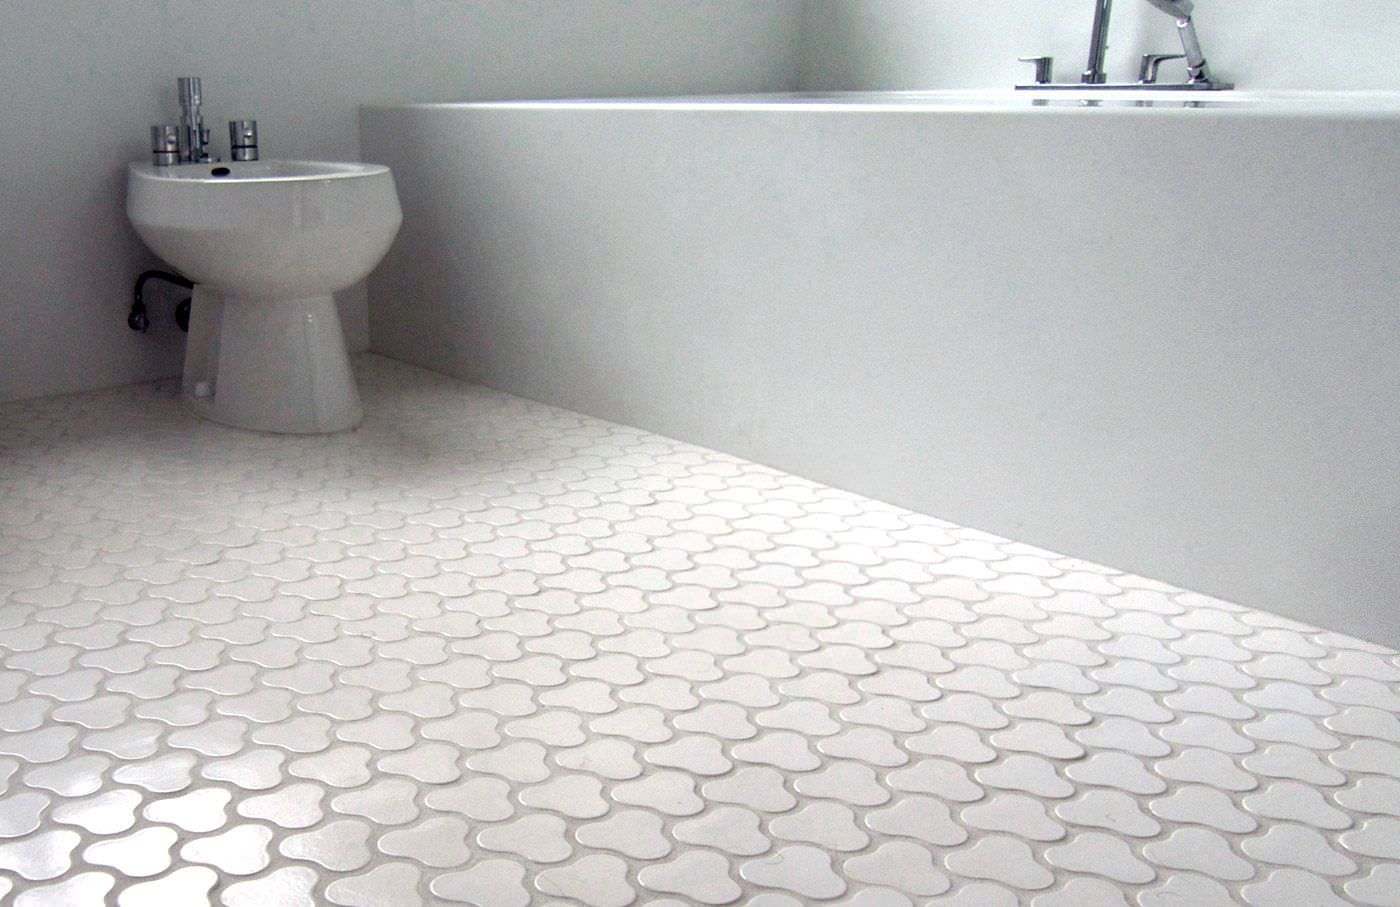 carreaux de céramique dans la salle de bain